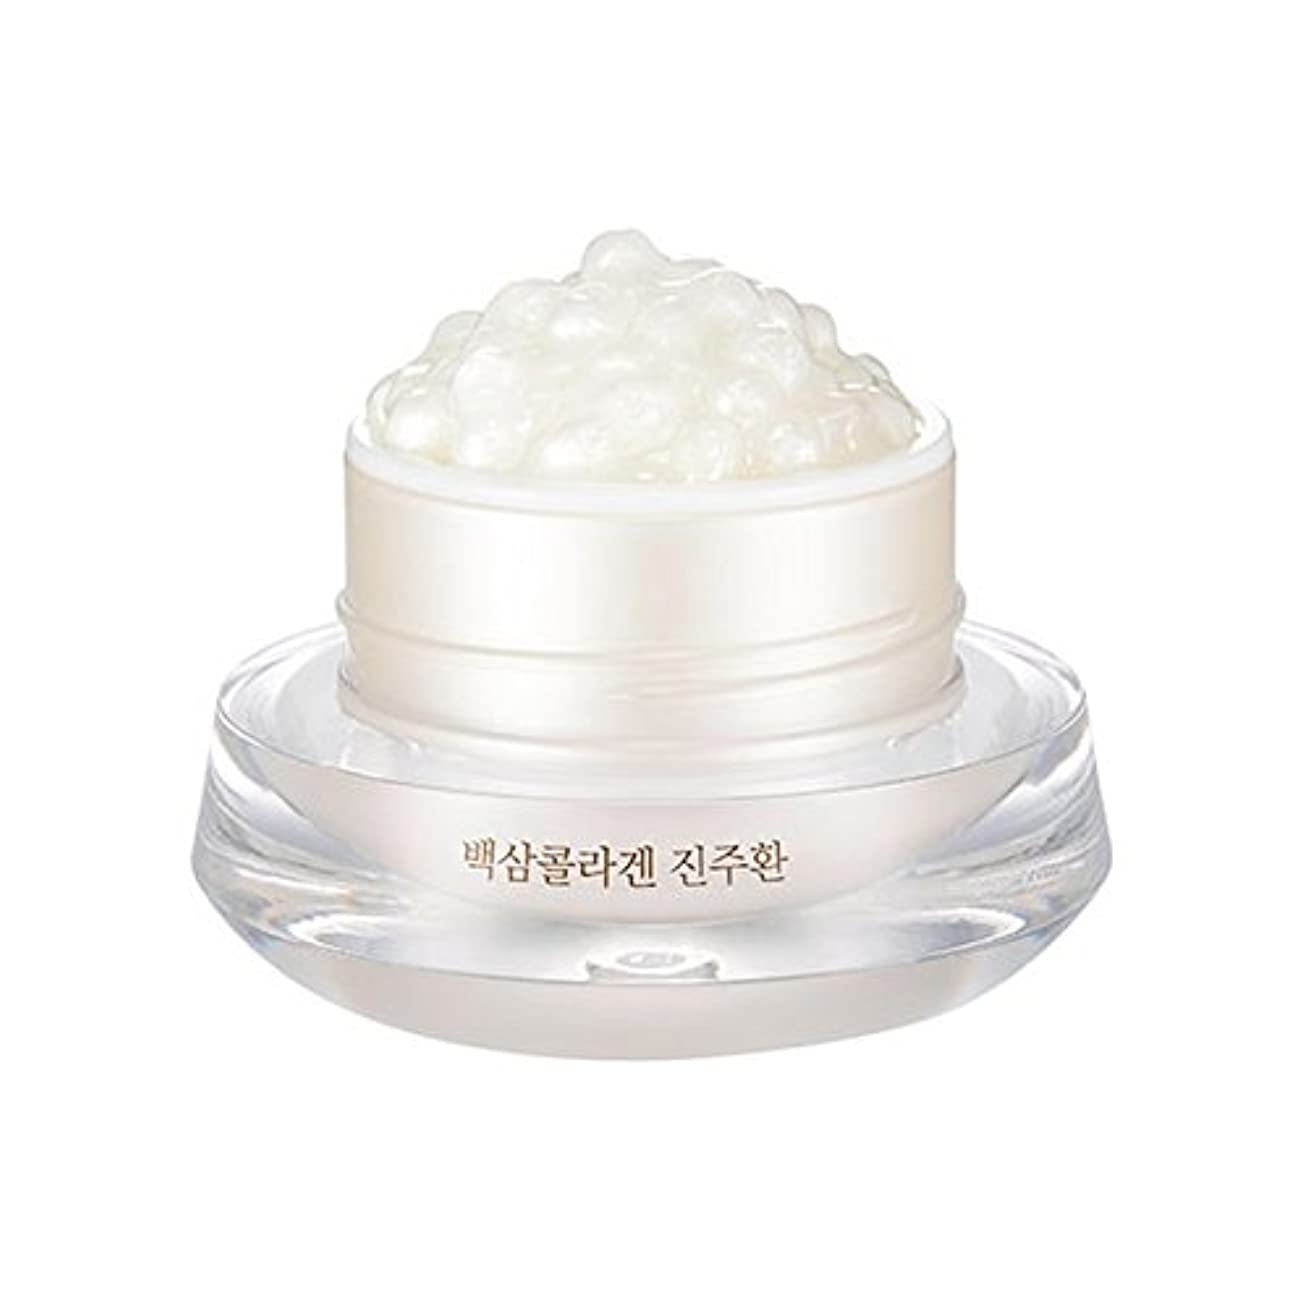 ビット発表する大惨事[ザ?フェイスショップ] The Face Shop 白参 コラーゲン パール カプセルクリーム White Ginseng Collagen Pearl Capsule Cream [並行輸入品]